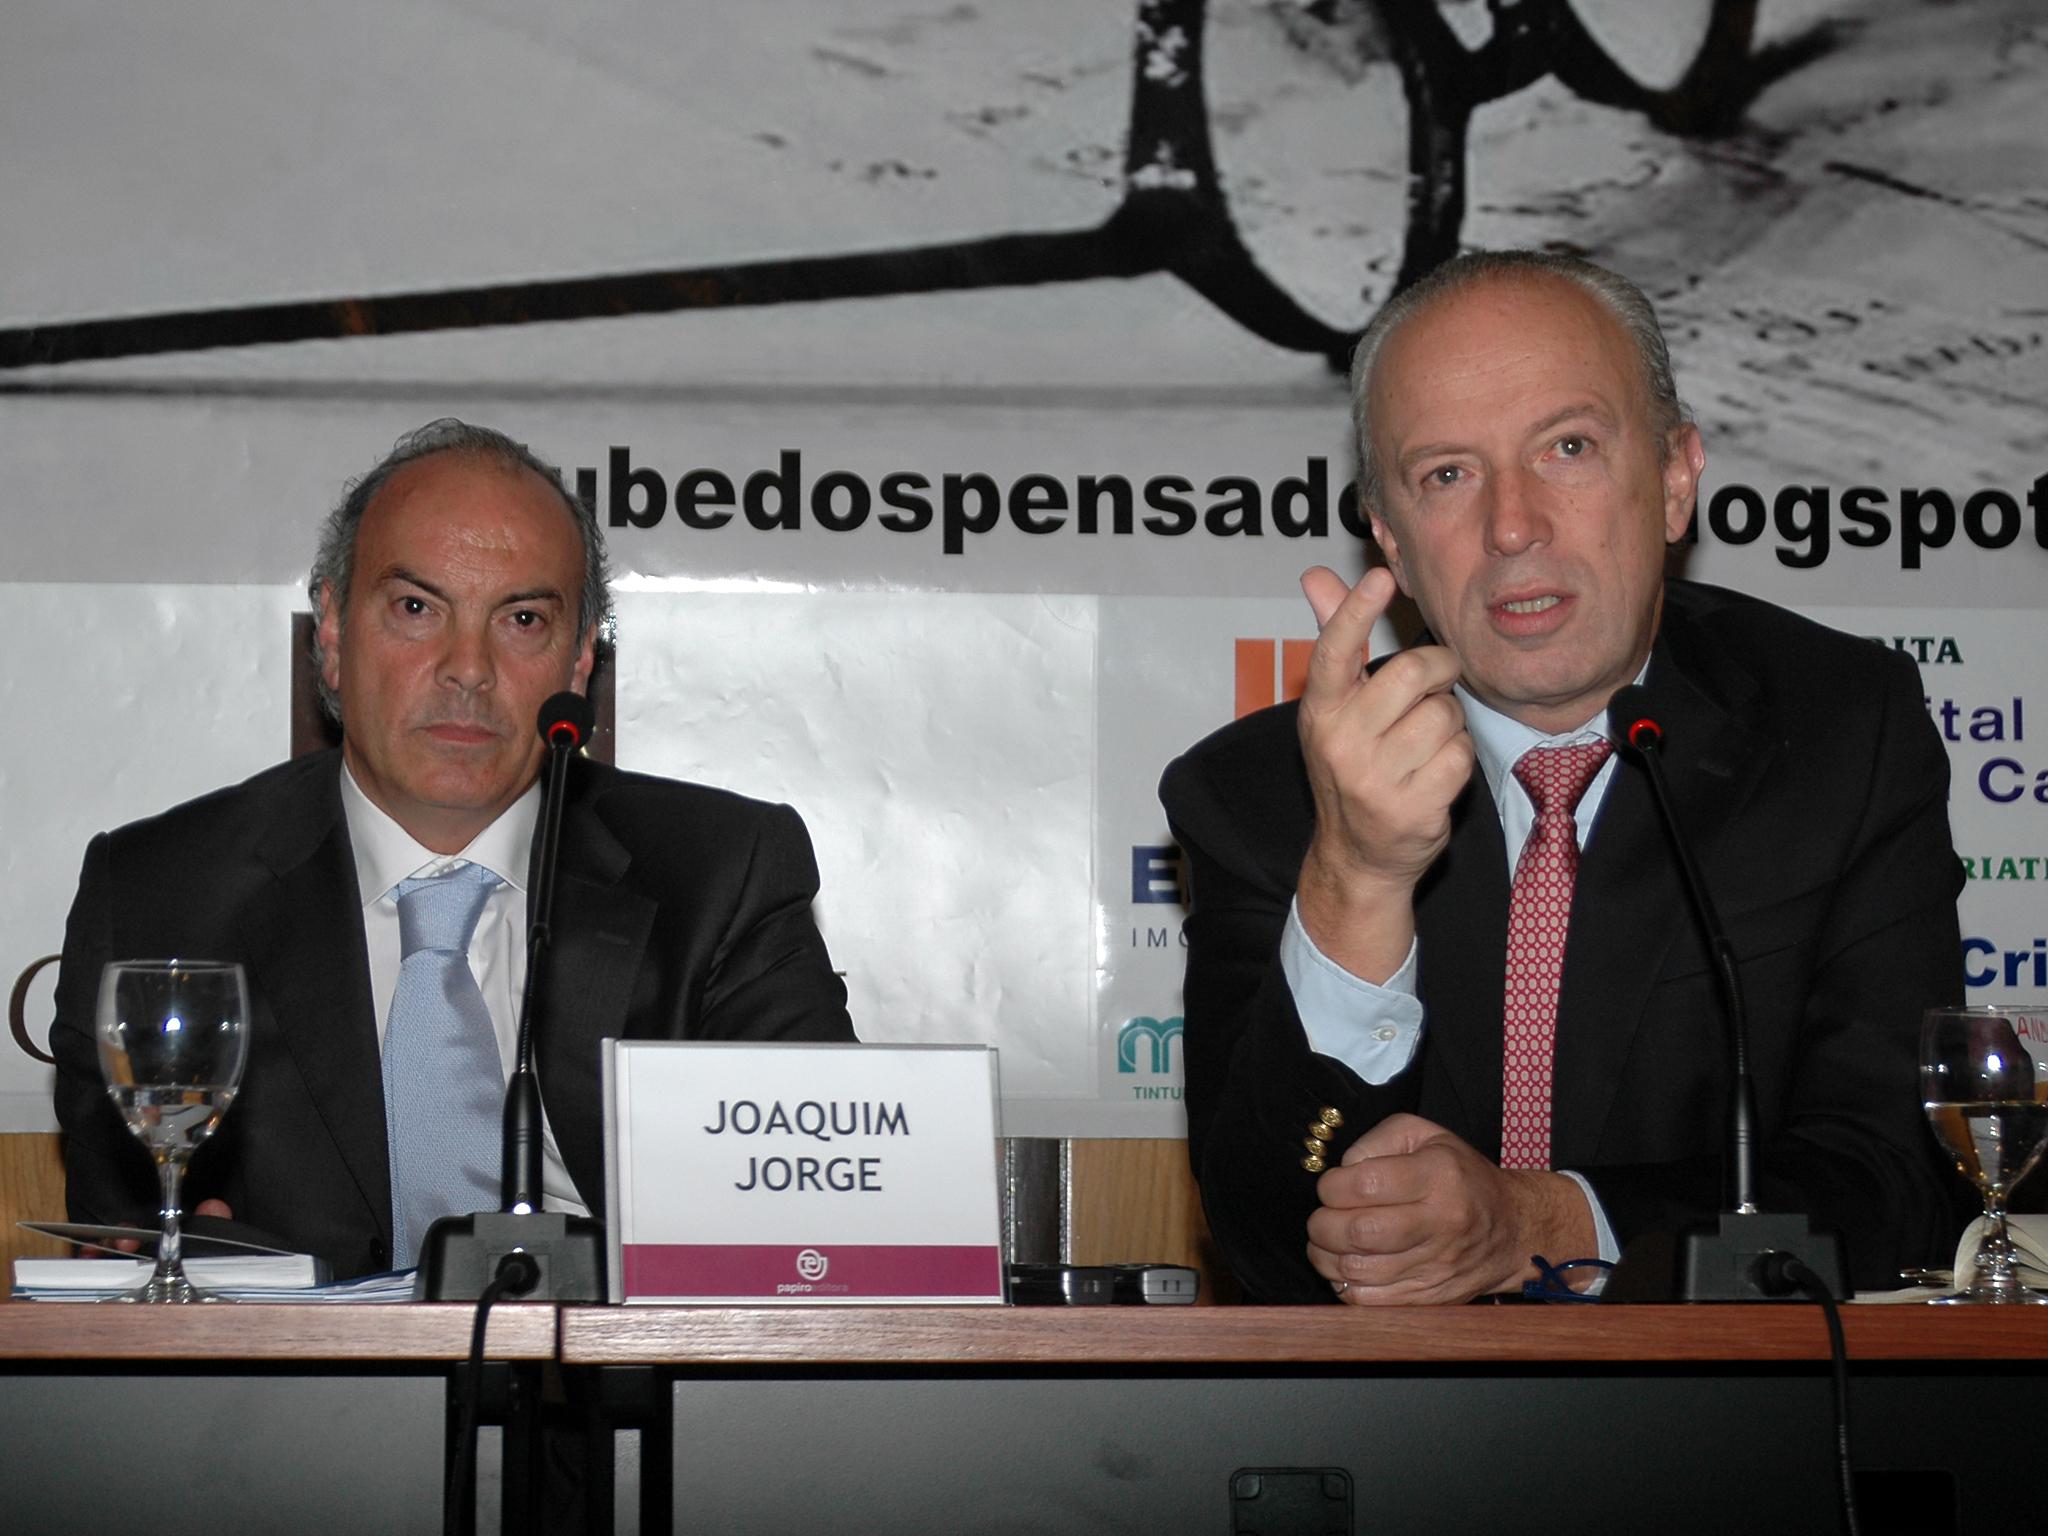 Clube de Pensadores - Joaquim Jorge